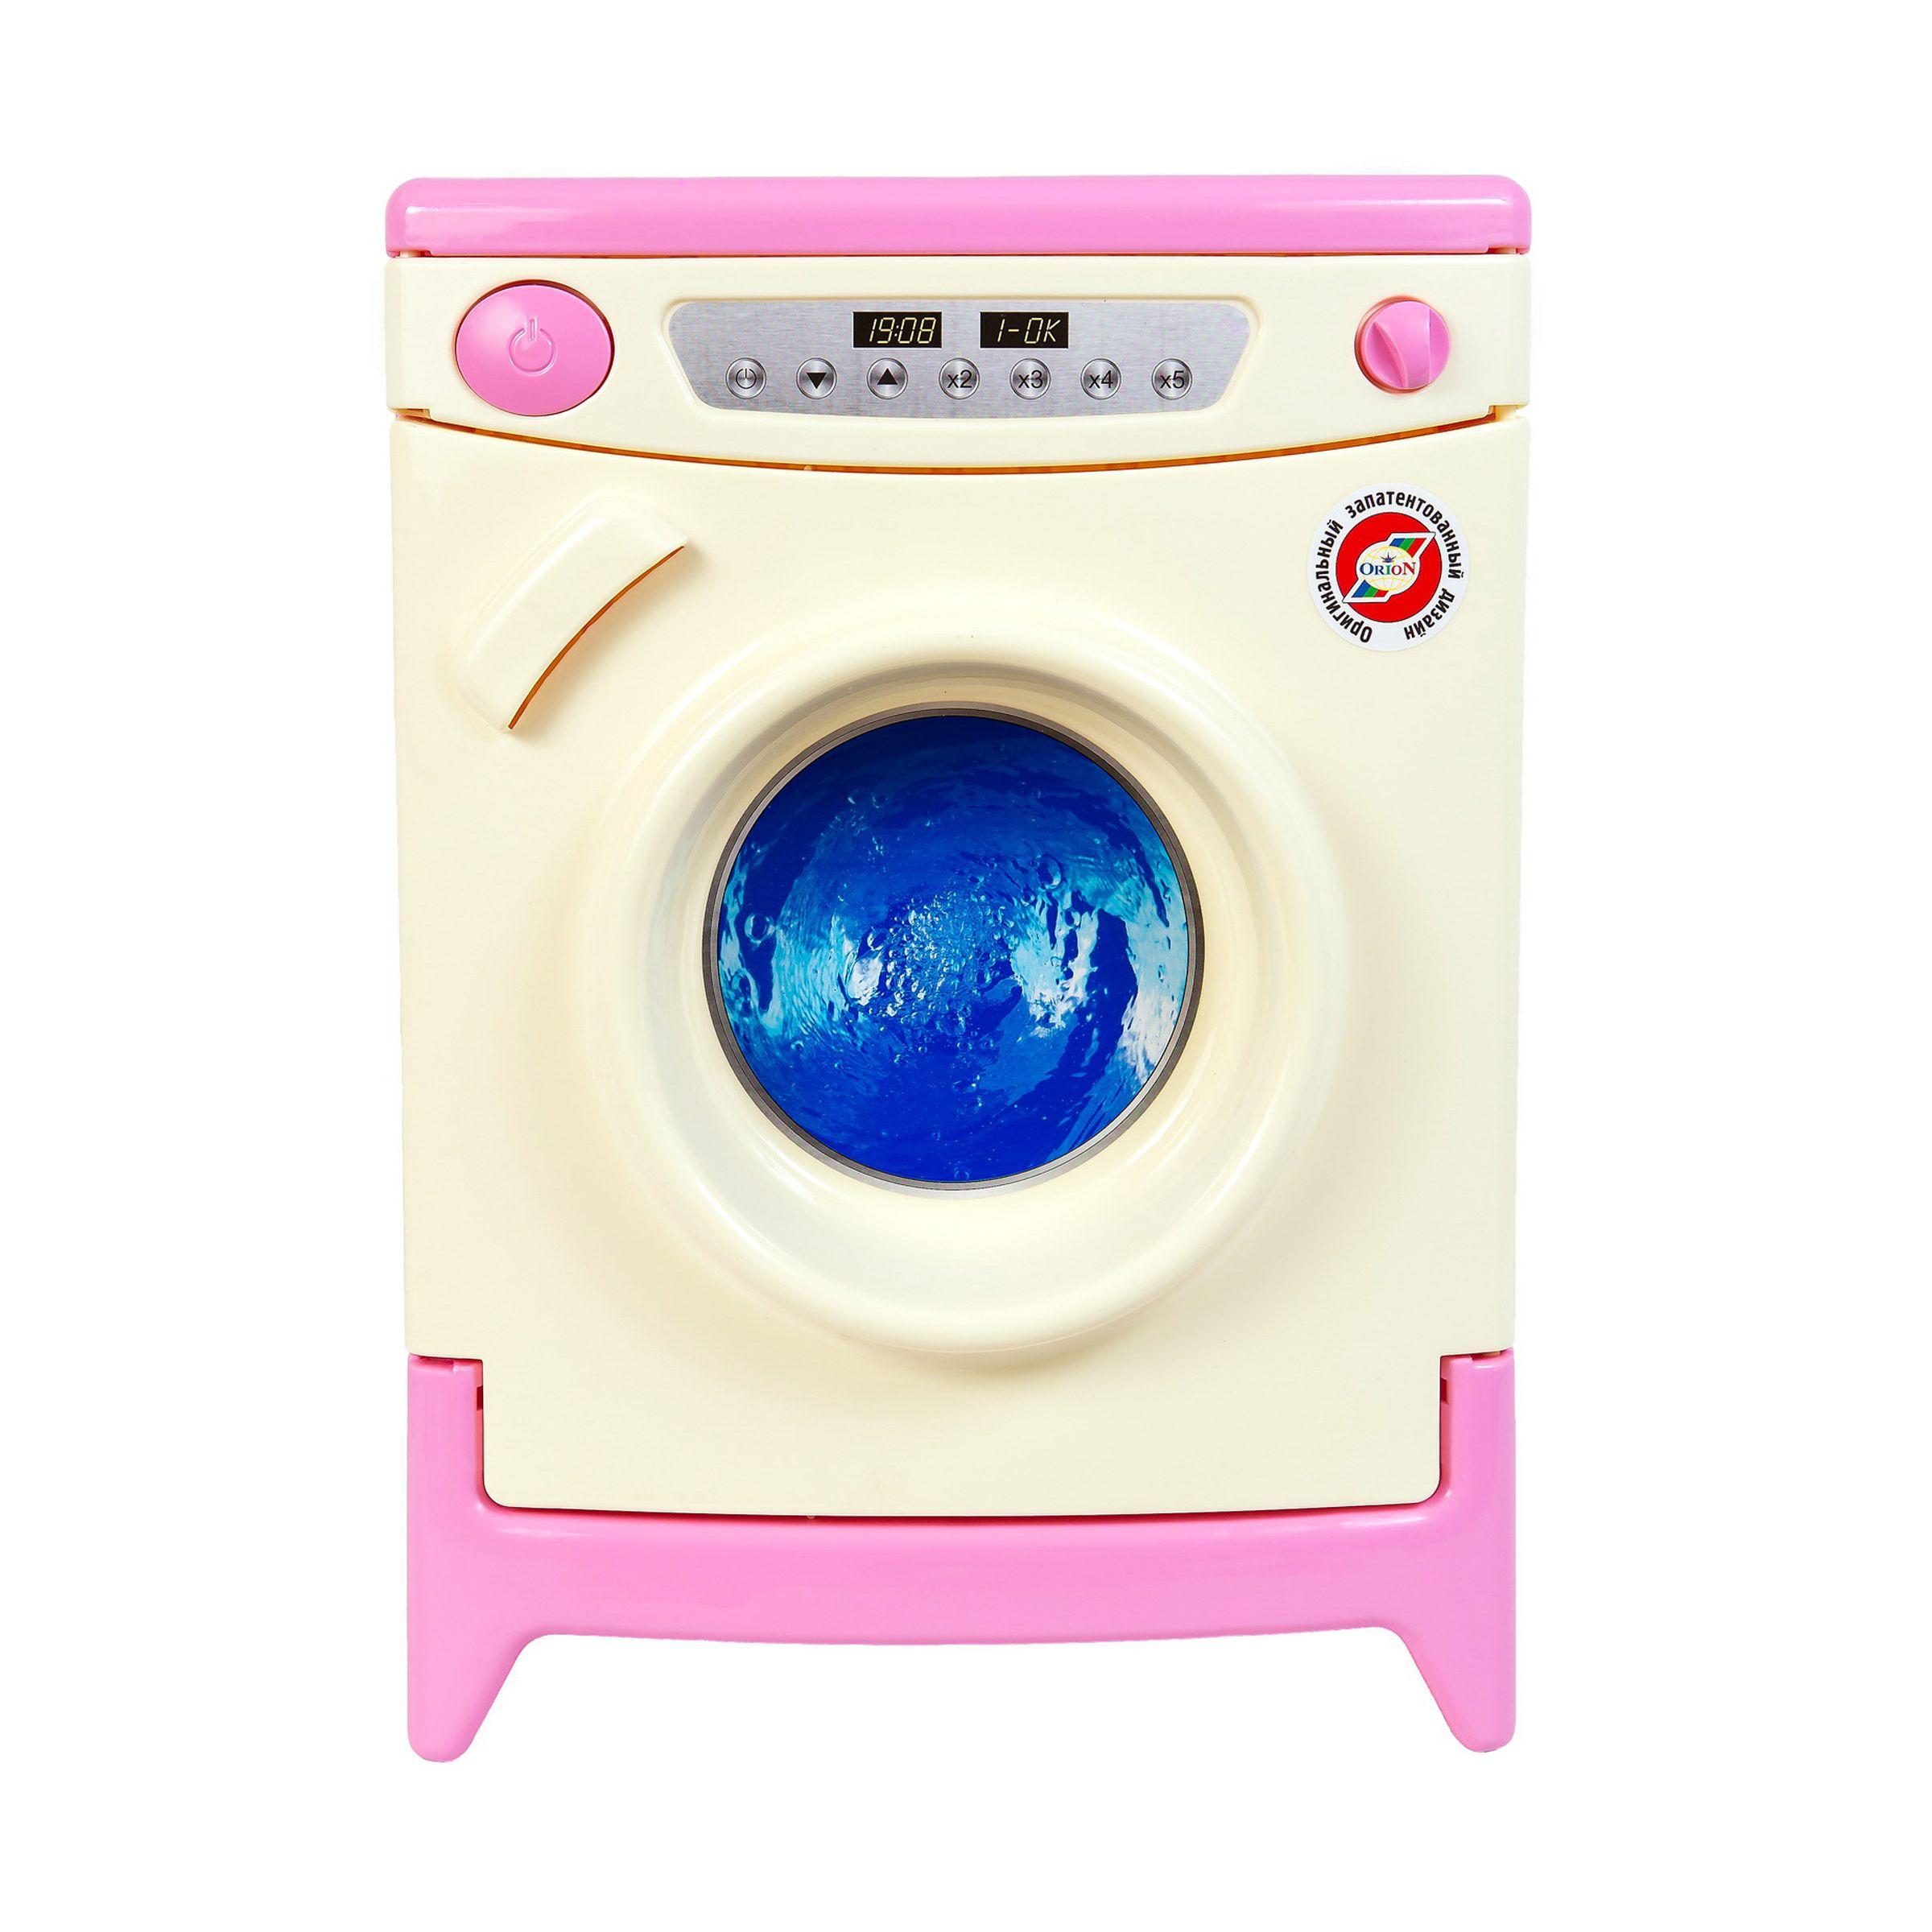 Игровая стиральная машина, бело-розовая (звук)